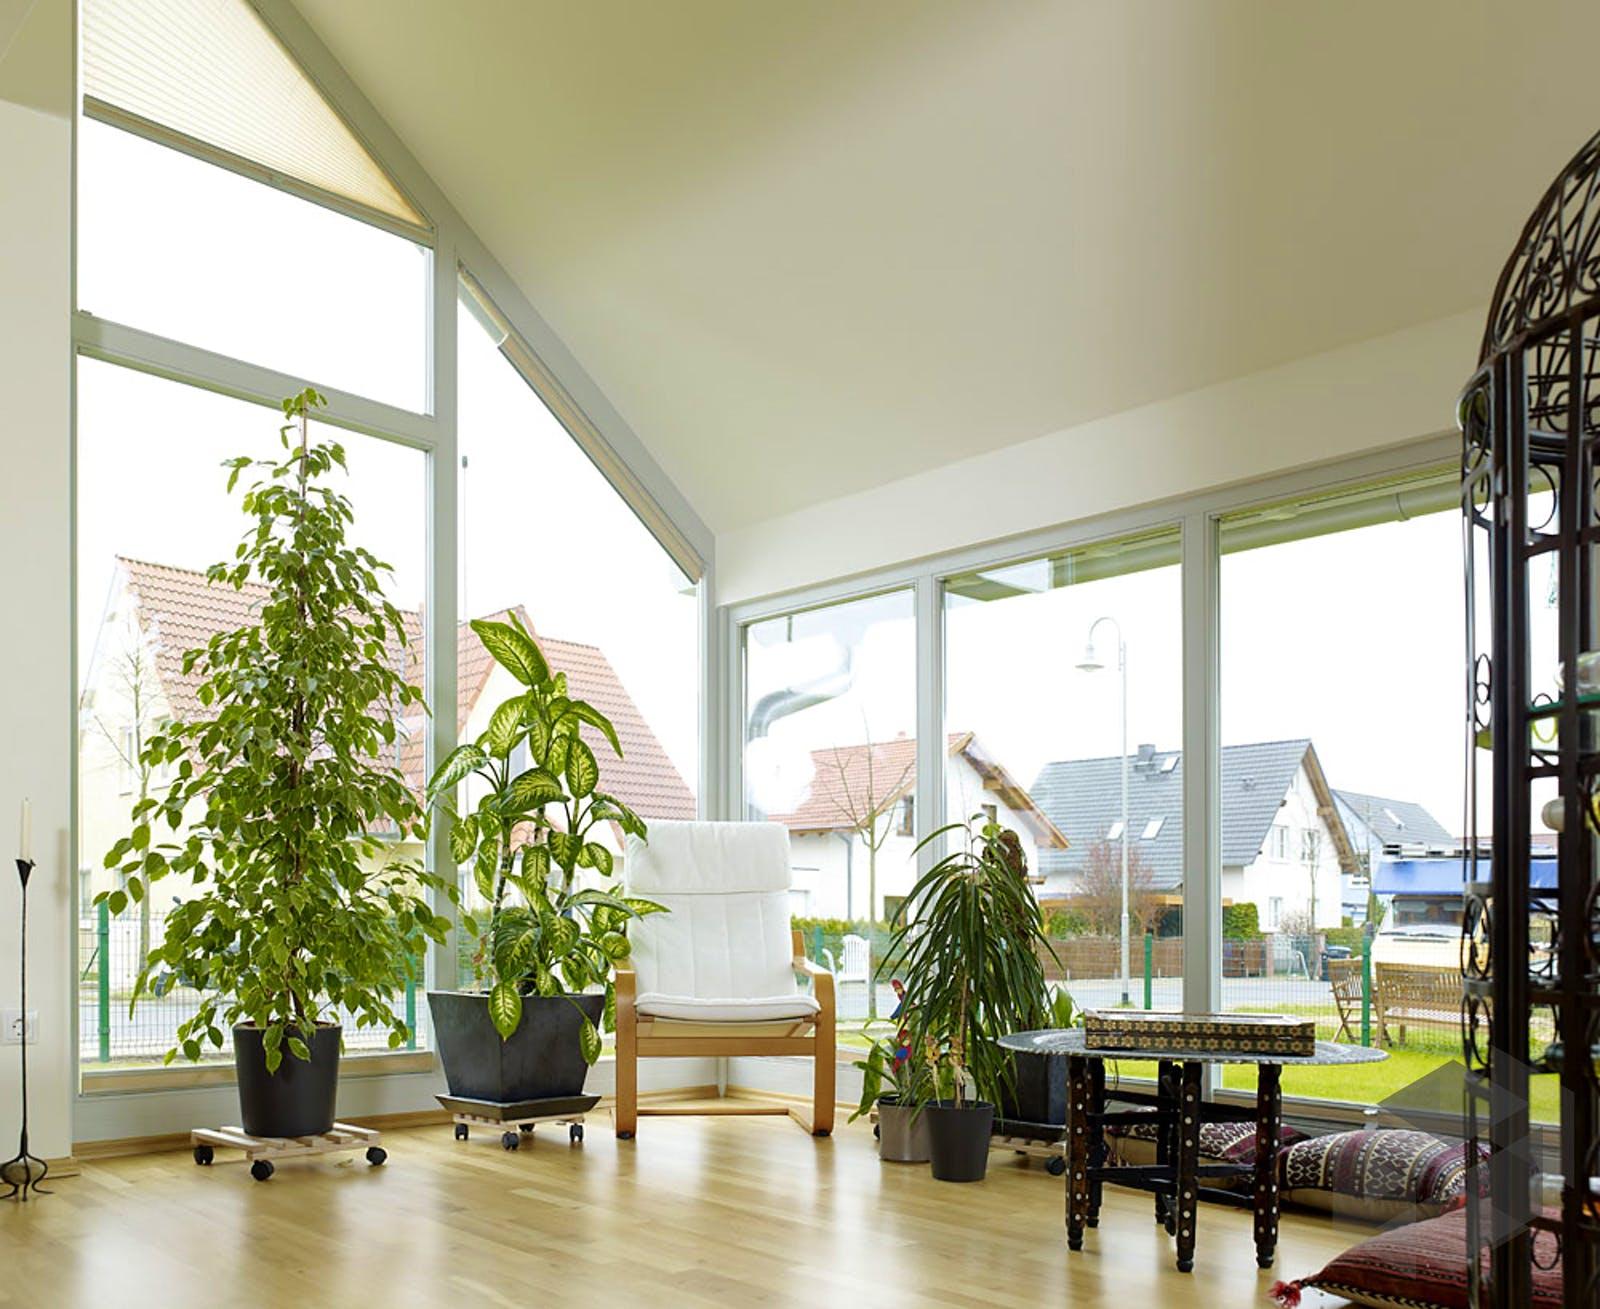 buchenallee kfw effizienzhaus 40 inactive von gussek haus komplette daten bersicht. Black Bedroom Furniture Sets. Home Design Ideas